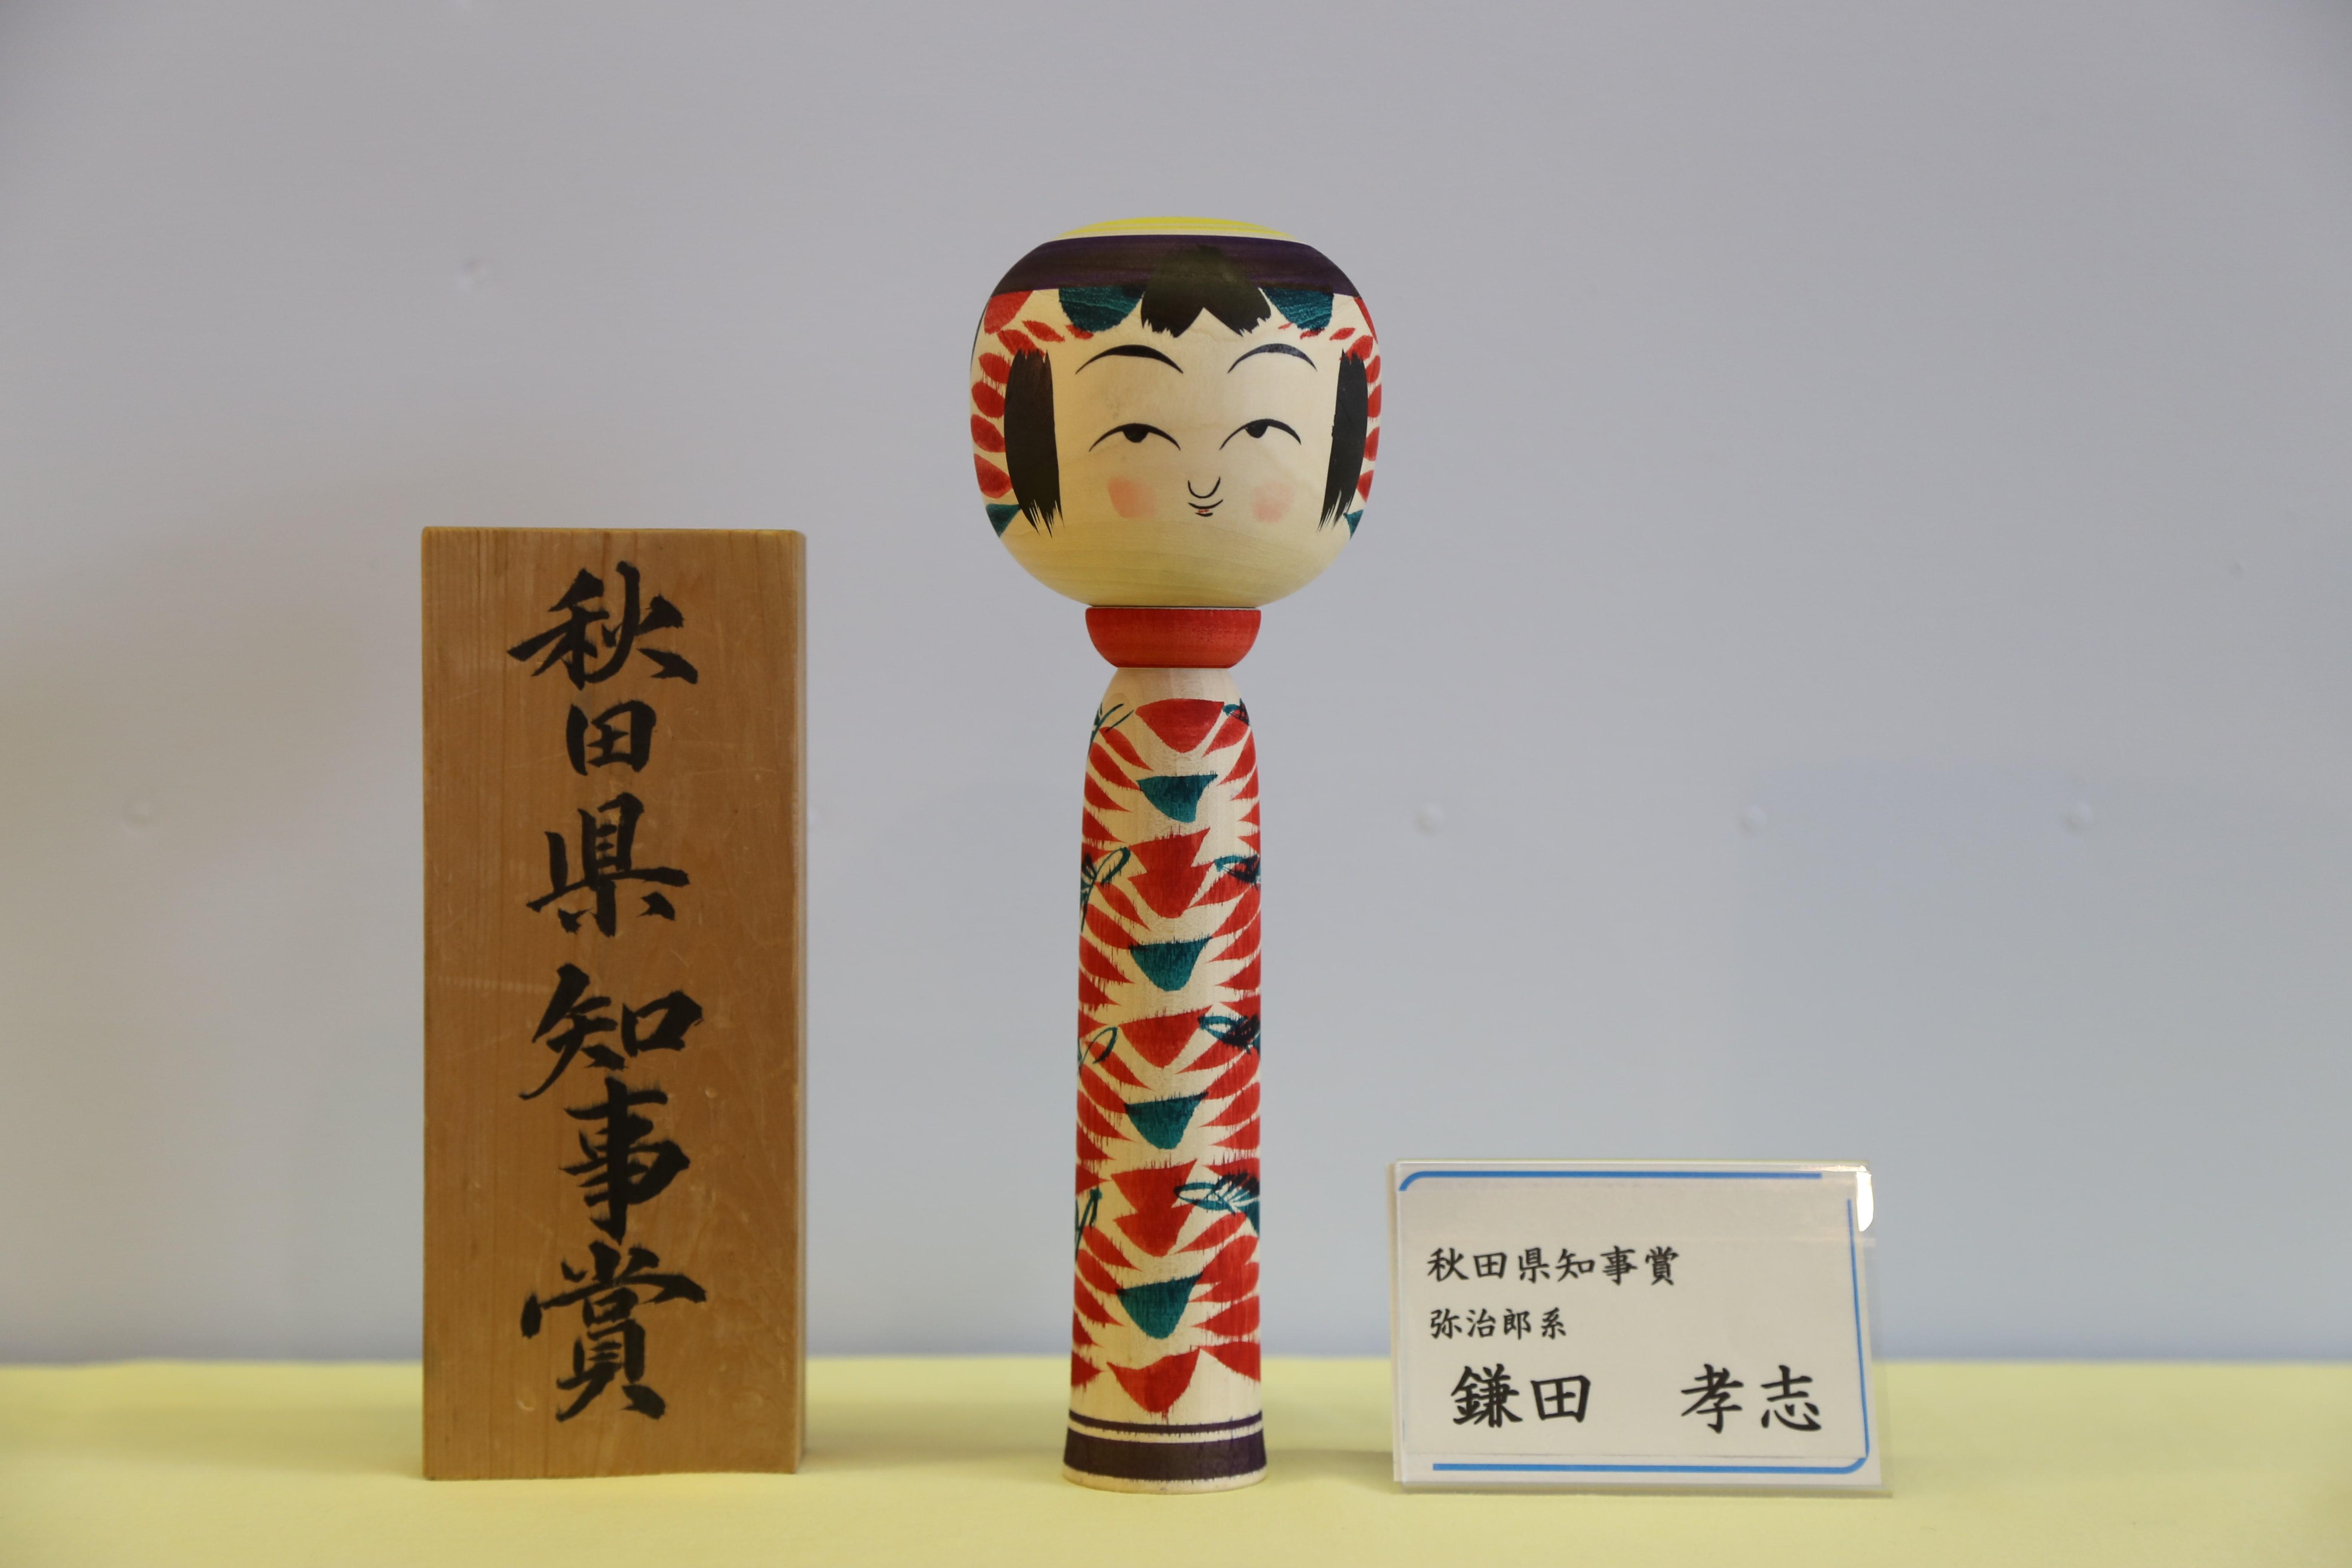 鎌田孝志工人